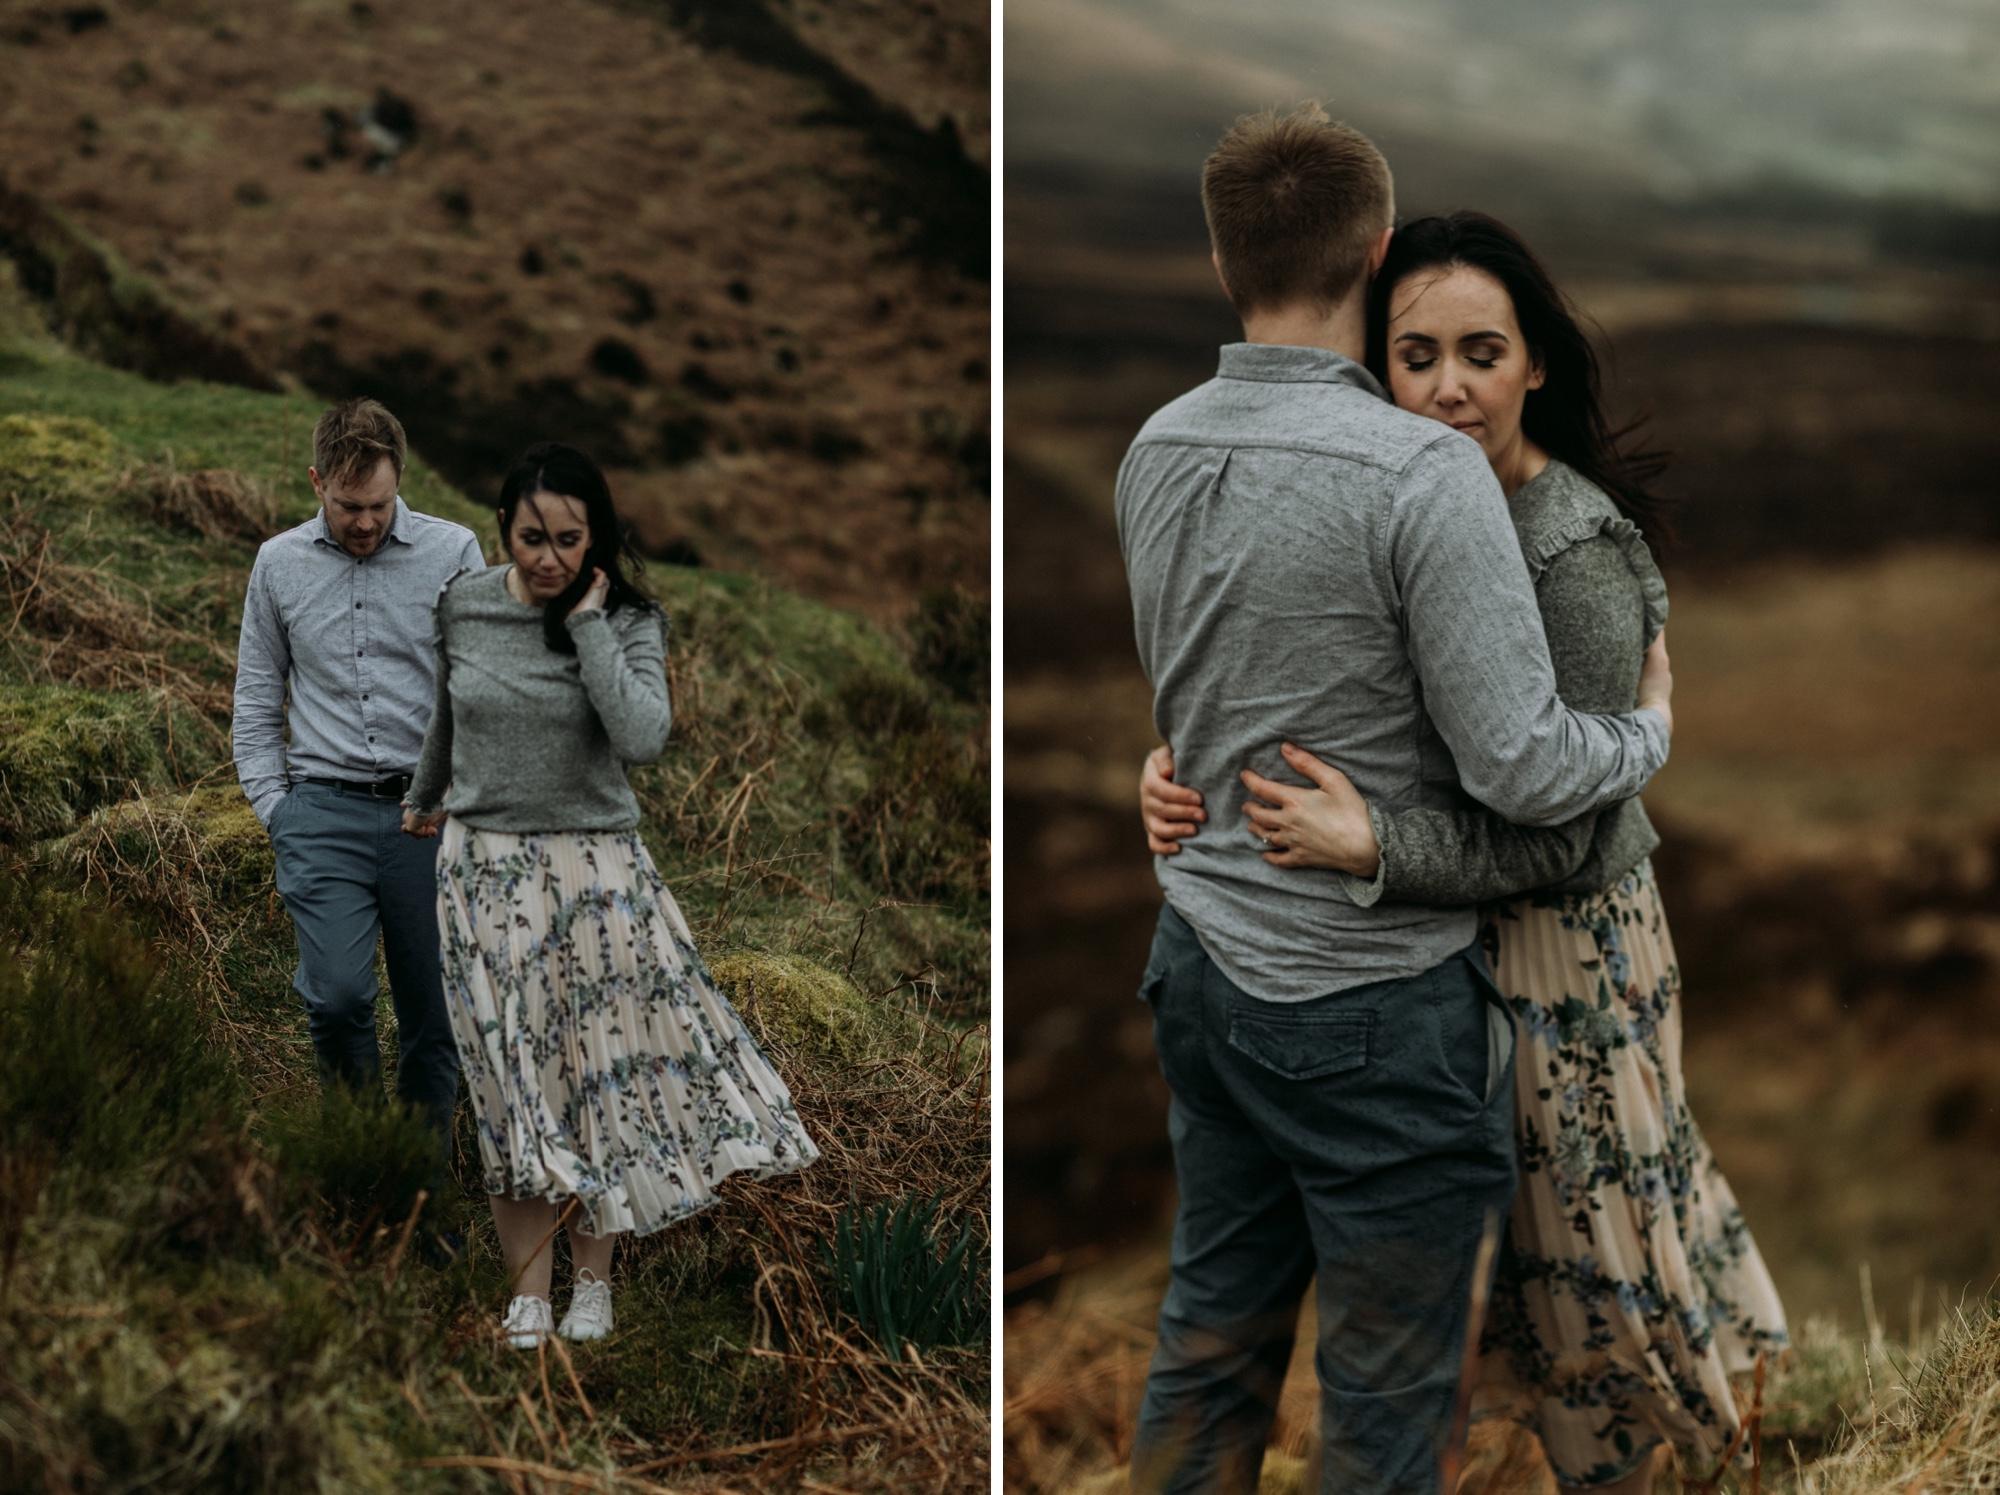 ireland windy engagement session